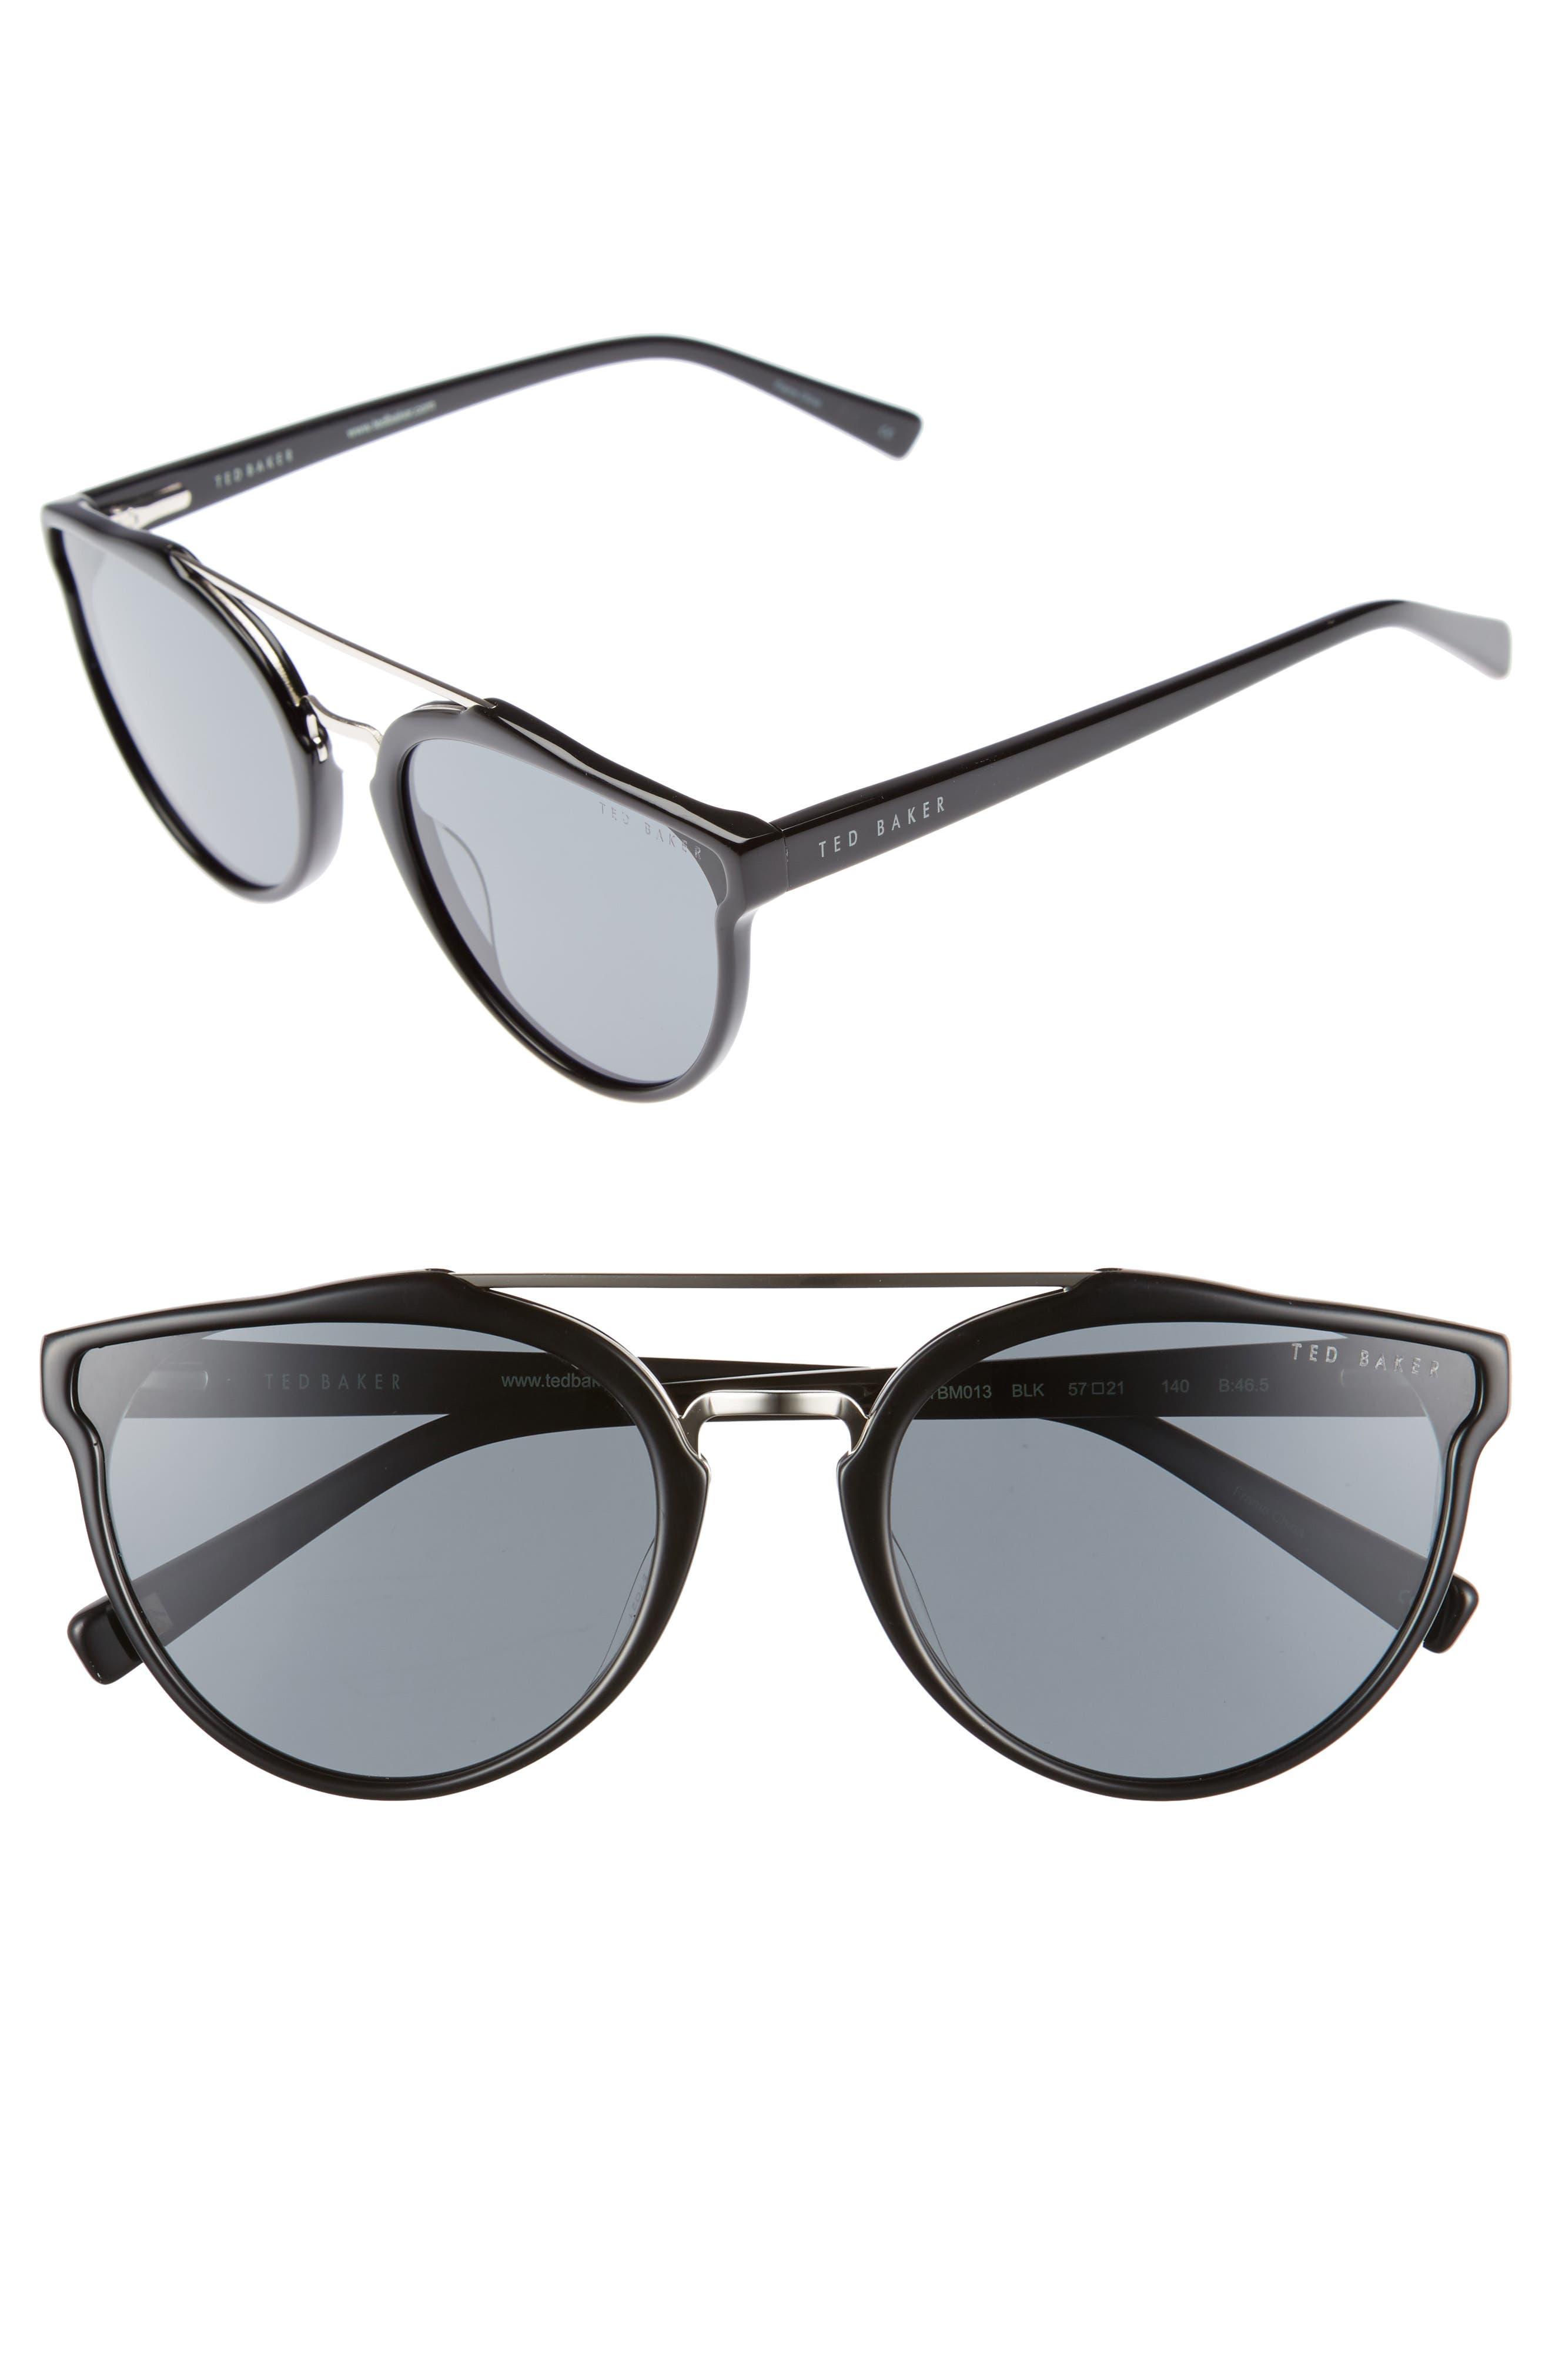 Retro 57mm Polarized Sunglasses,                         Main,                         color, Black